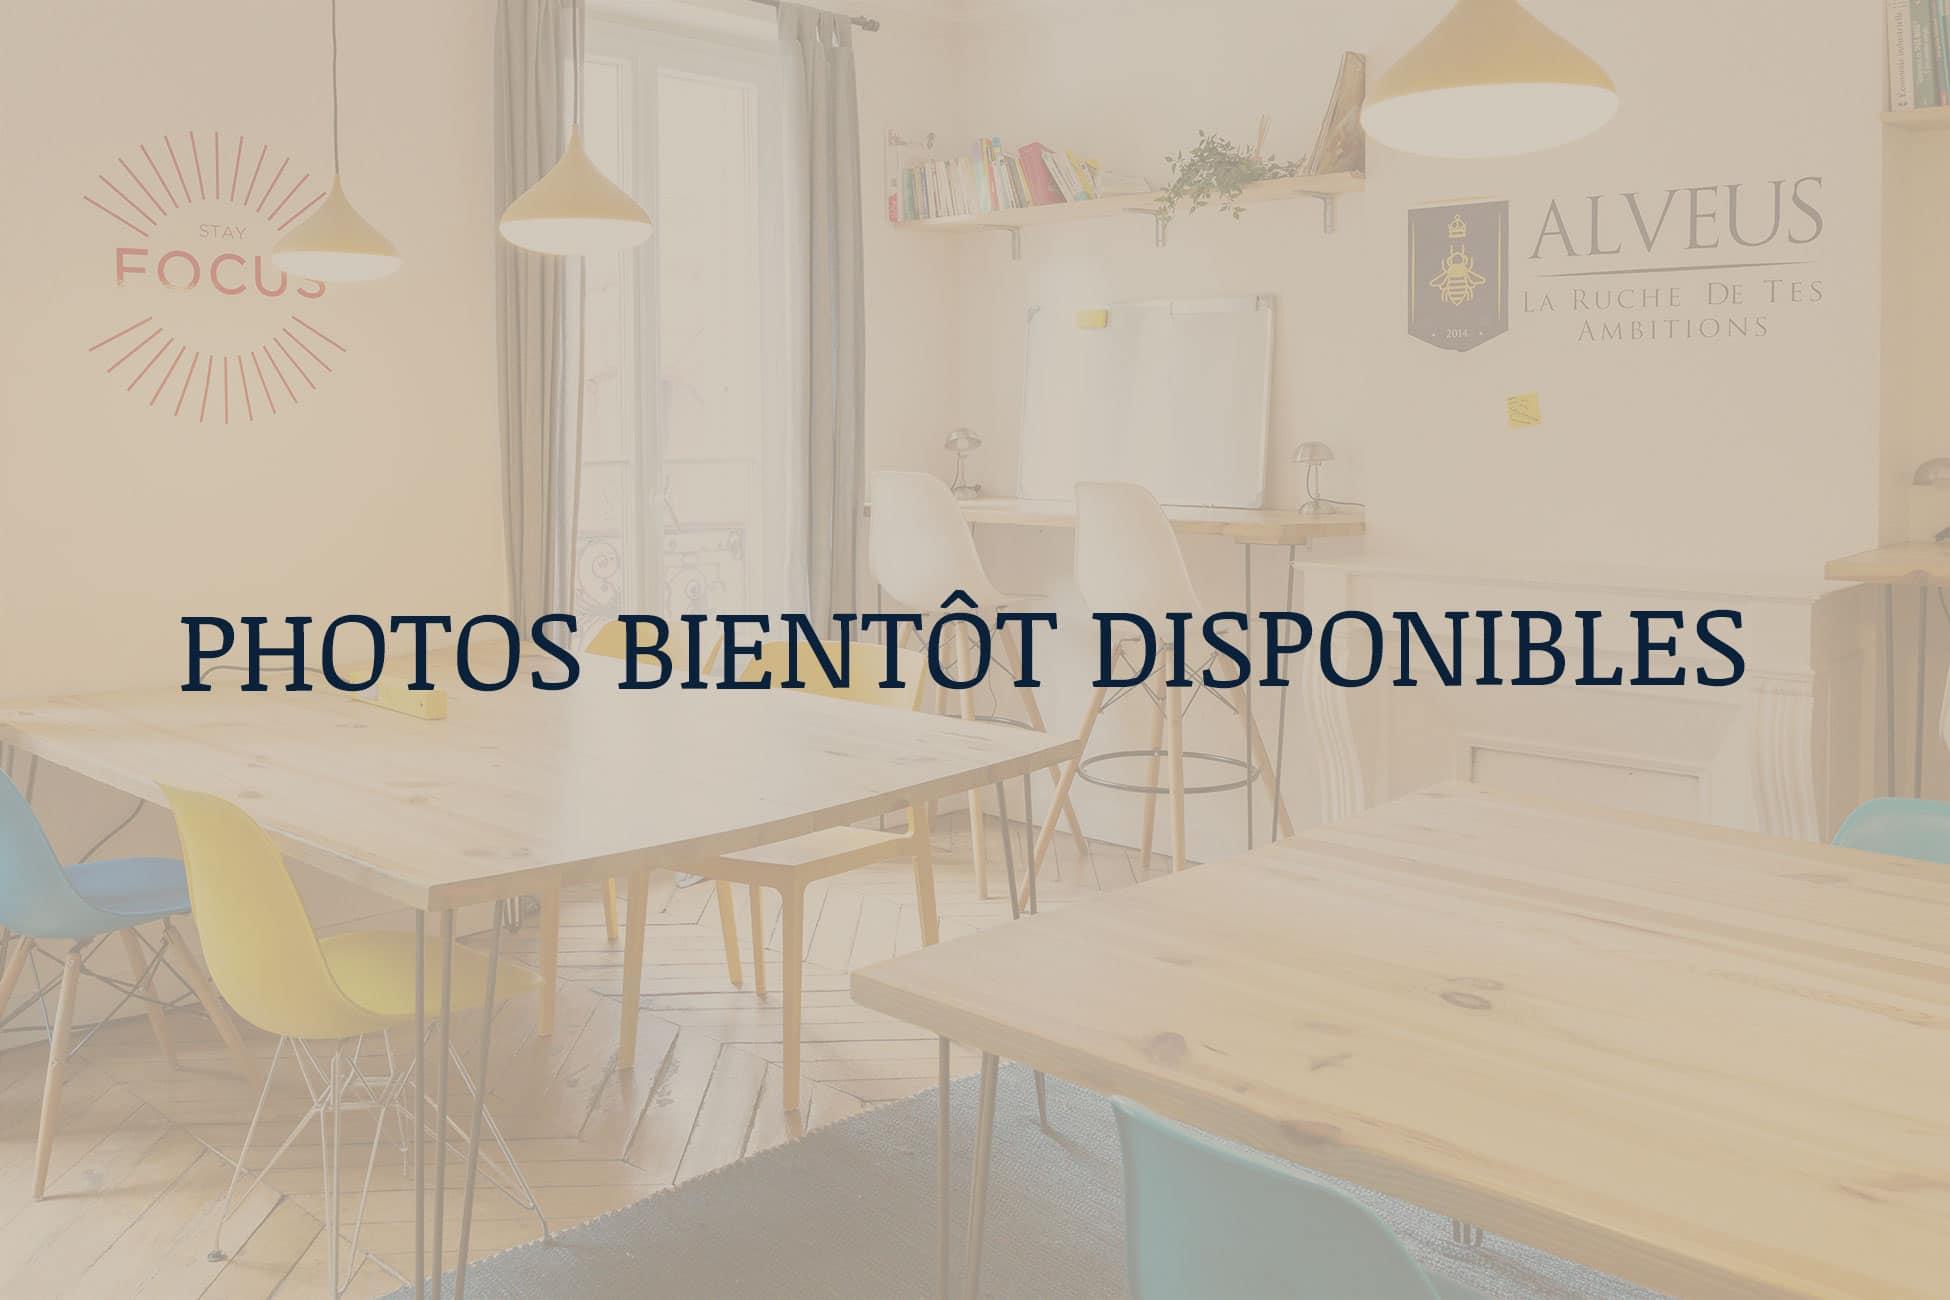 soutien-scolaire-paris-14eme-arrondissement